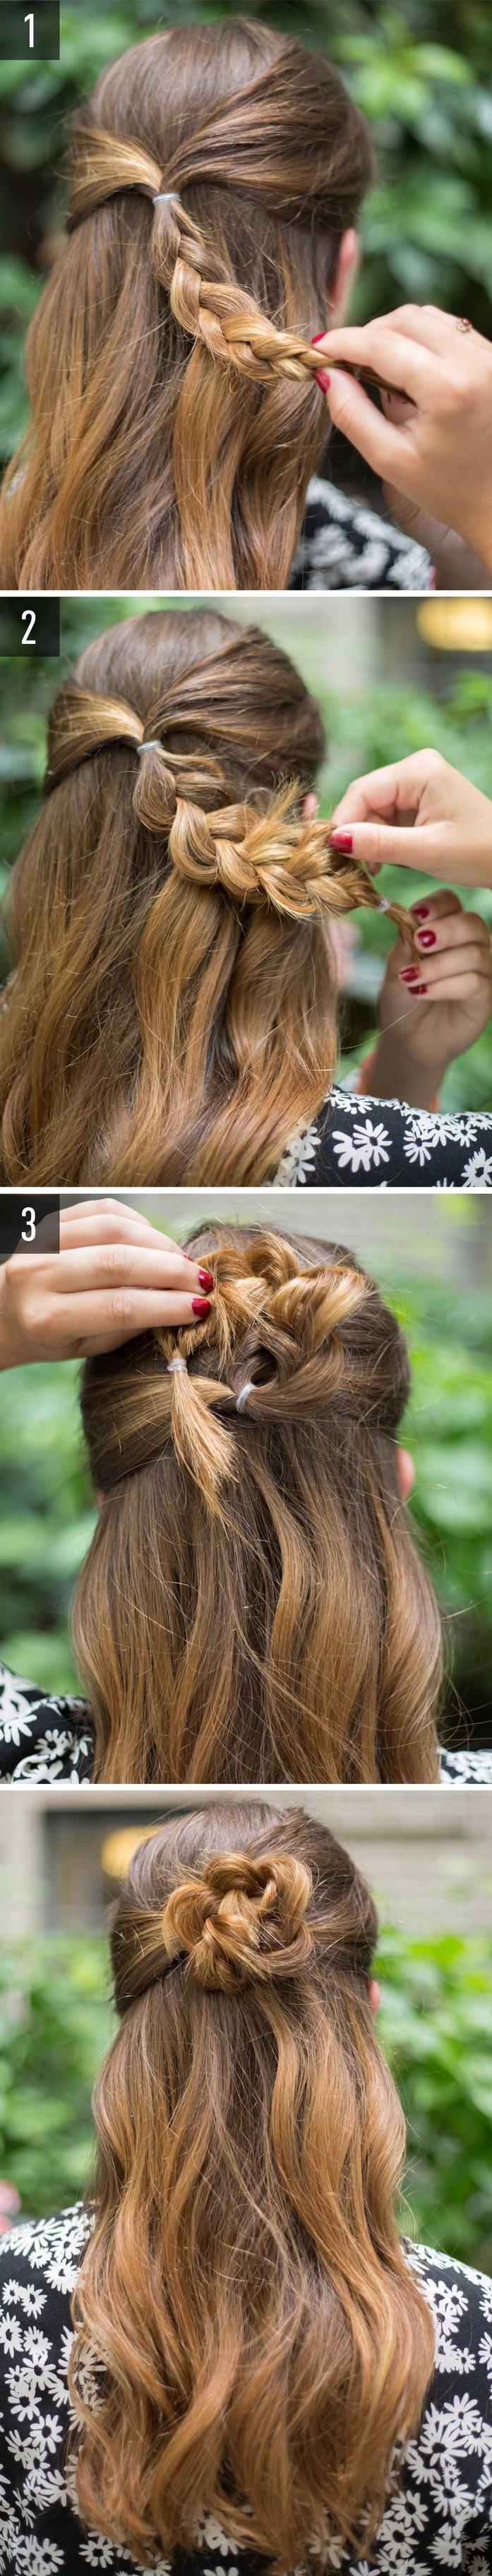 chignon facile en forme de fleur pour une coiffure cheveux longs originale et romantique réalisé en peu de temps